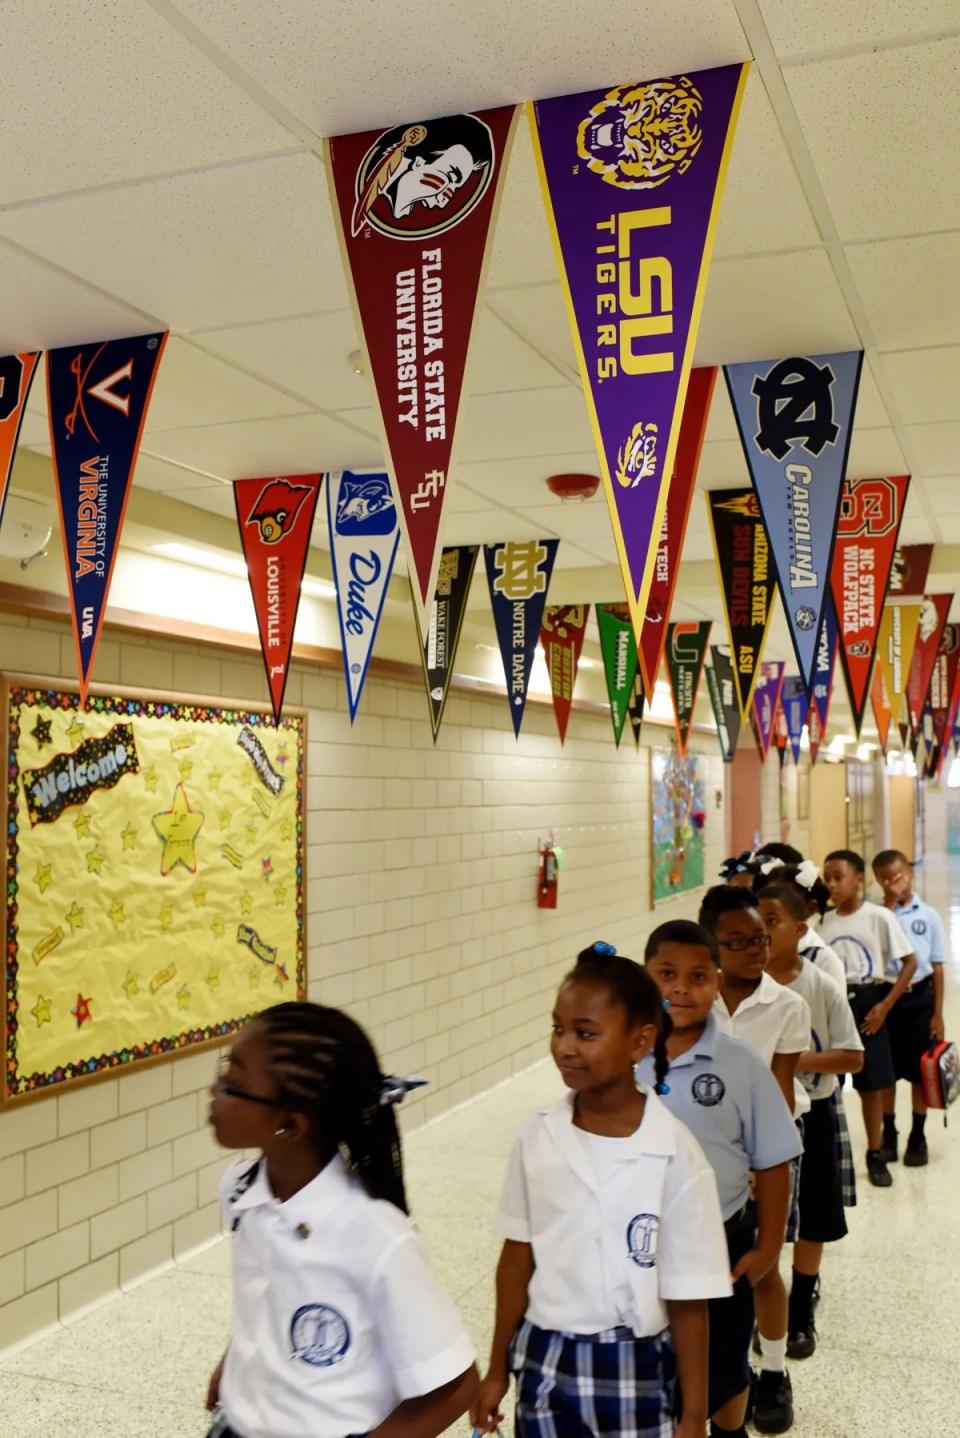 Parochial schools